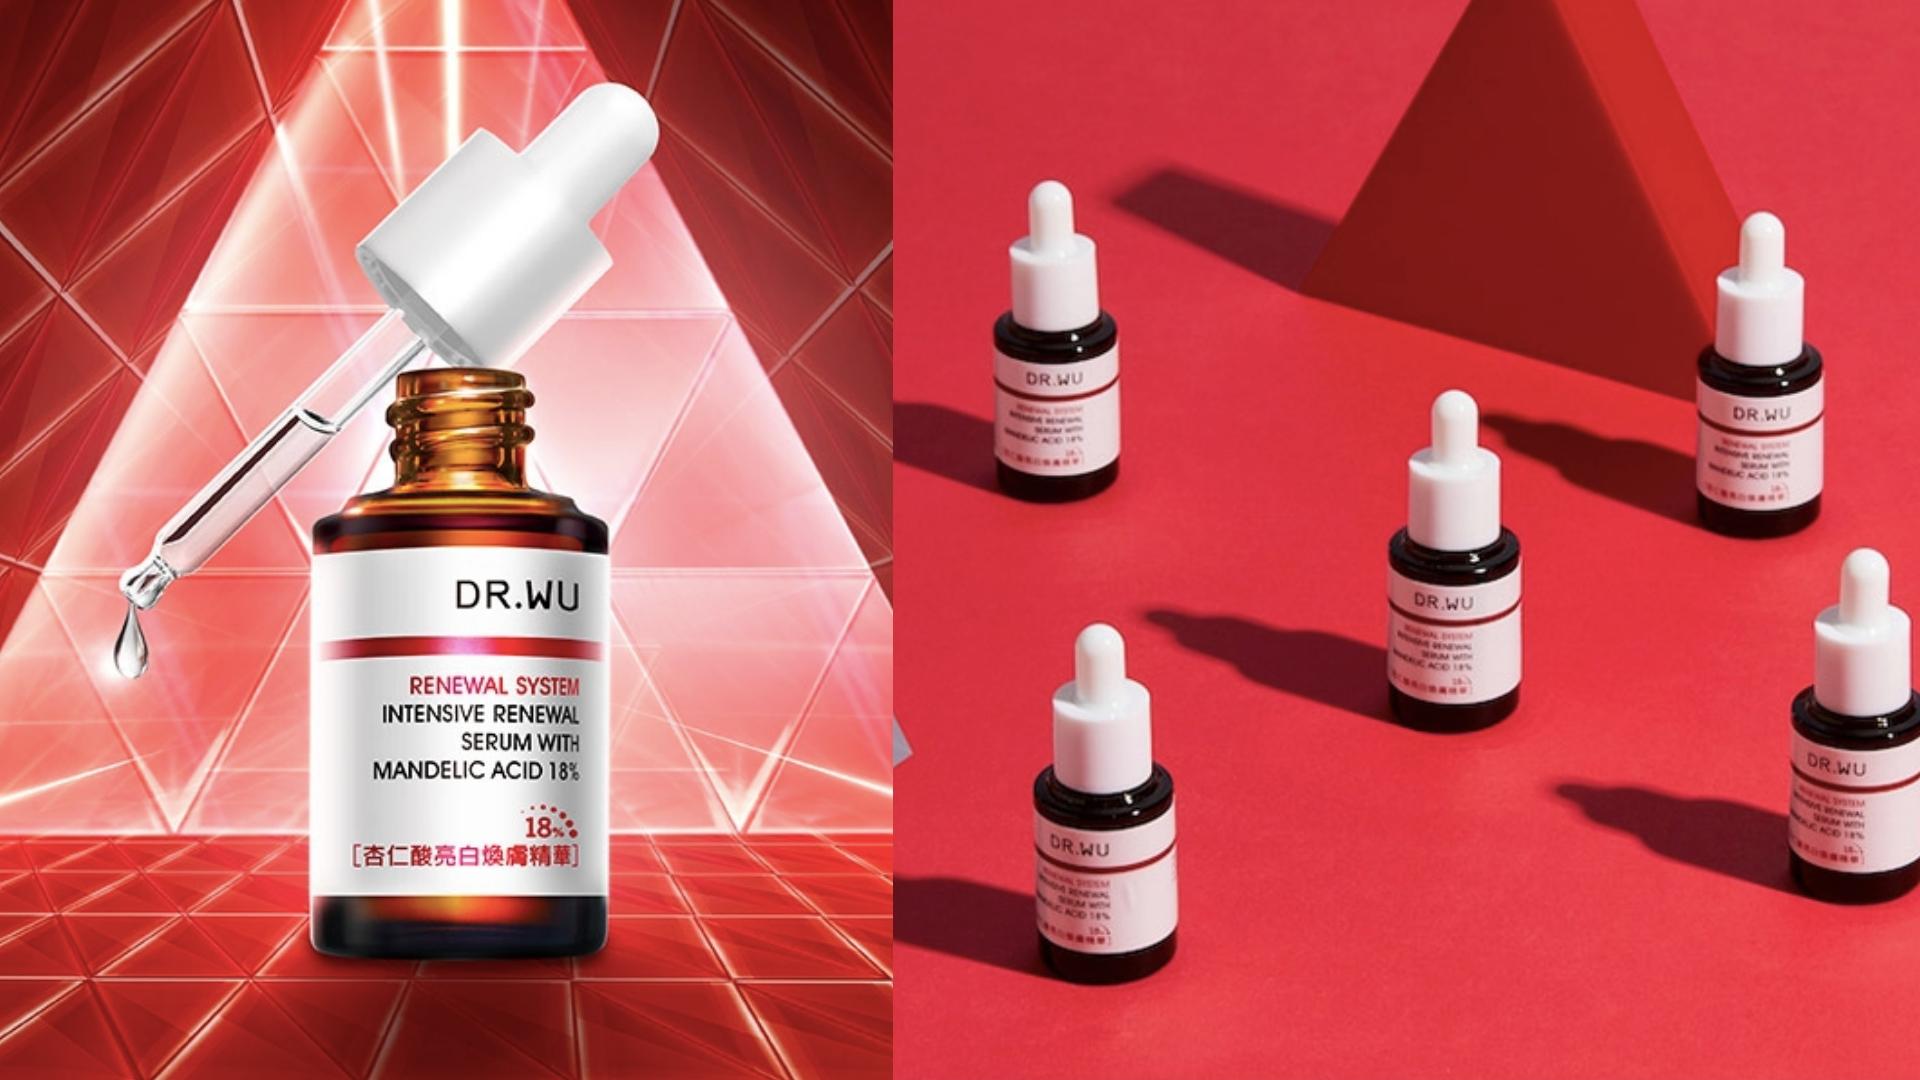 說到杏仁酸大家都知道DR.WU的酸類保養超級有名,這款含有高濃度杏仁酸18% 能夠清除角質、深入毛孔有效清除黑白頭粉刺,一次解決暗沉膚色不均毛孔粗大